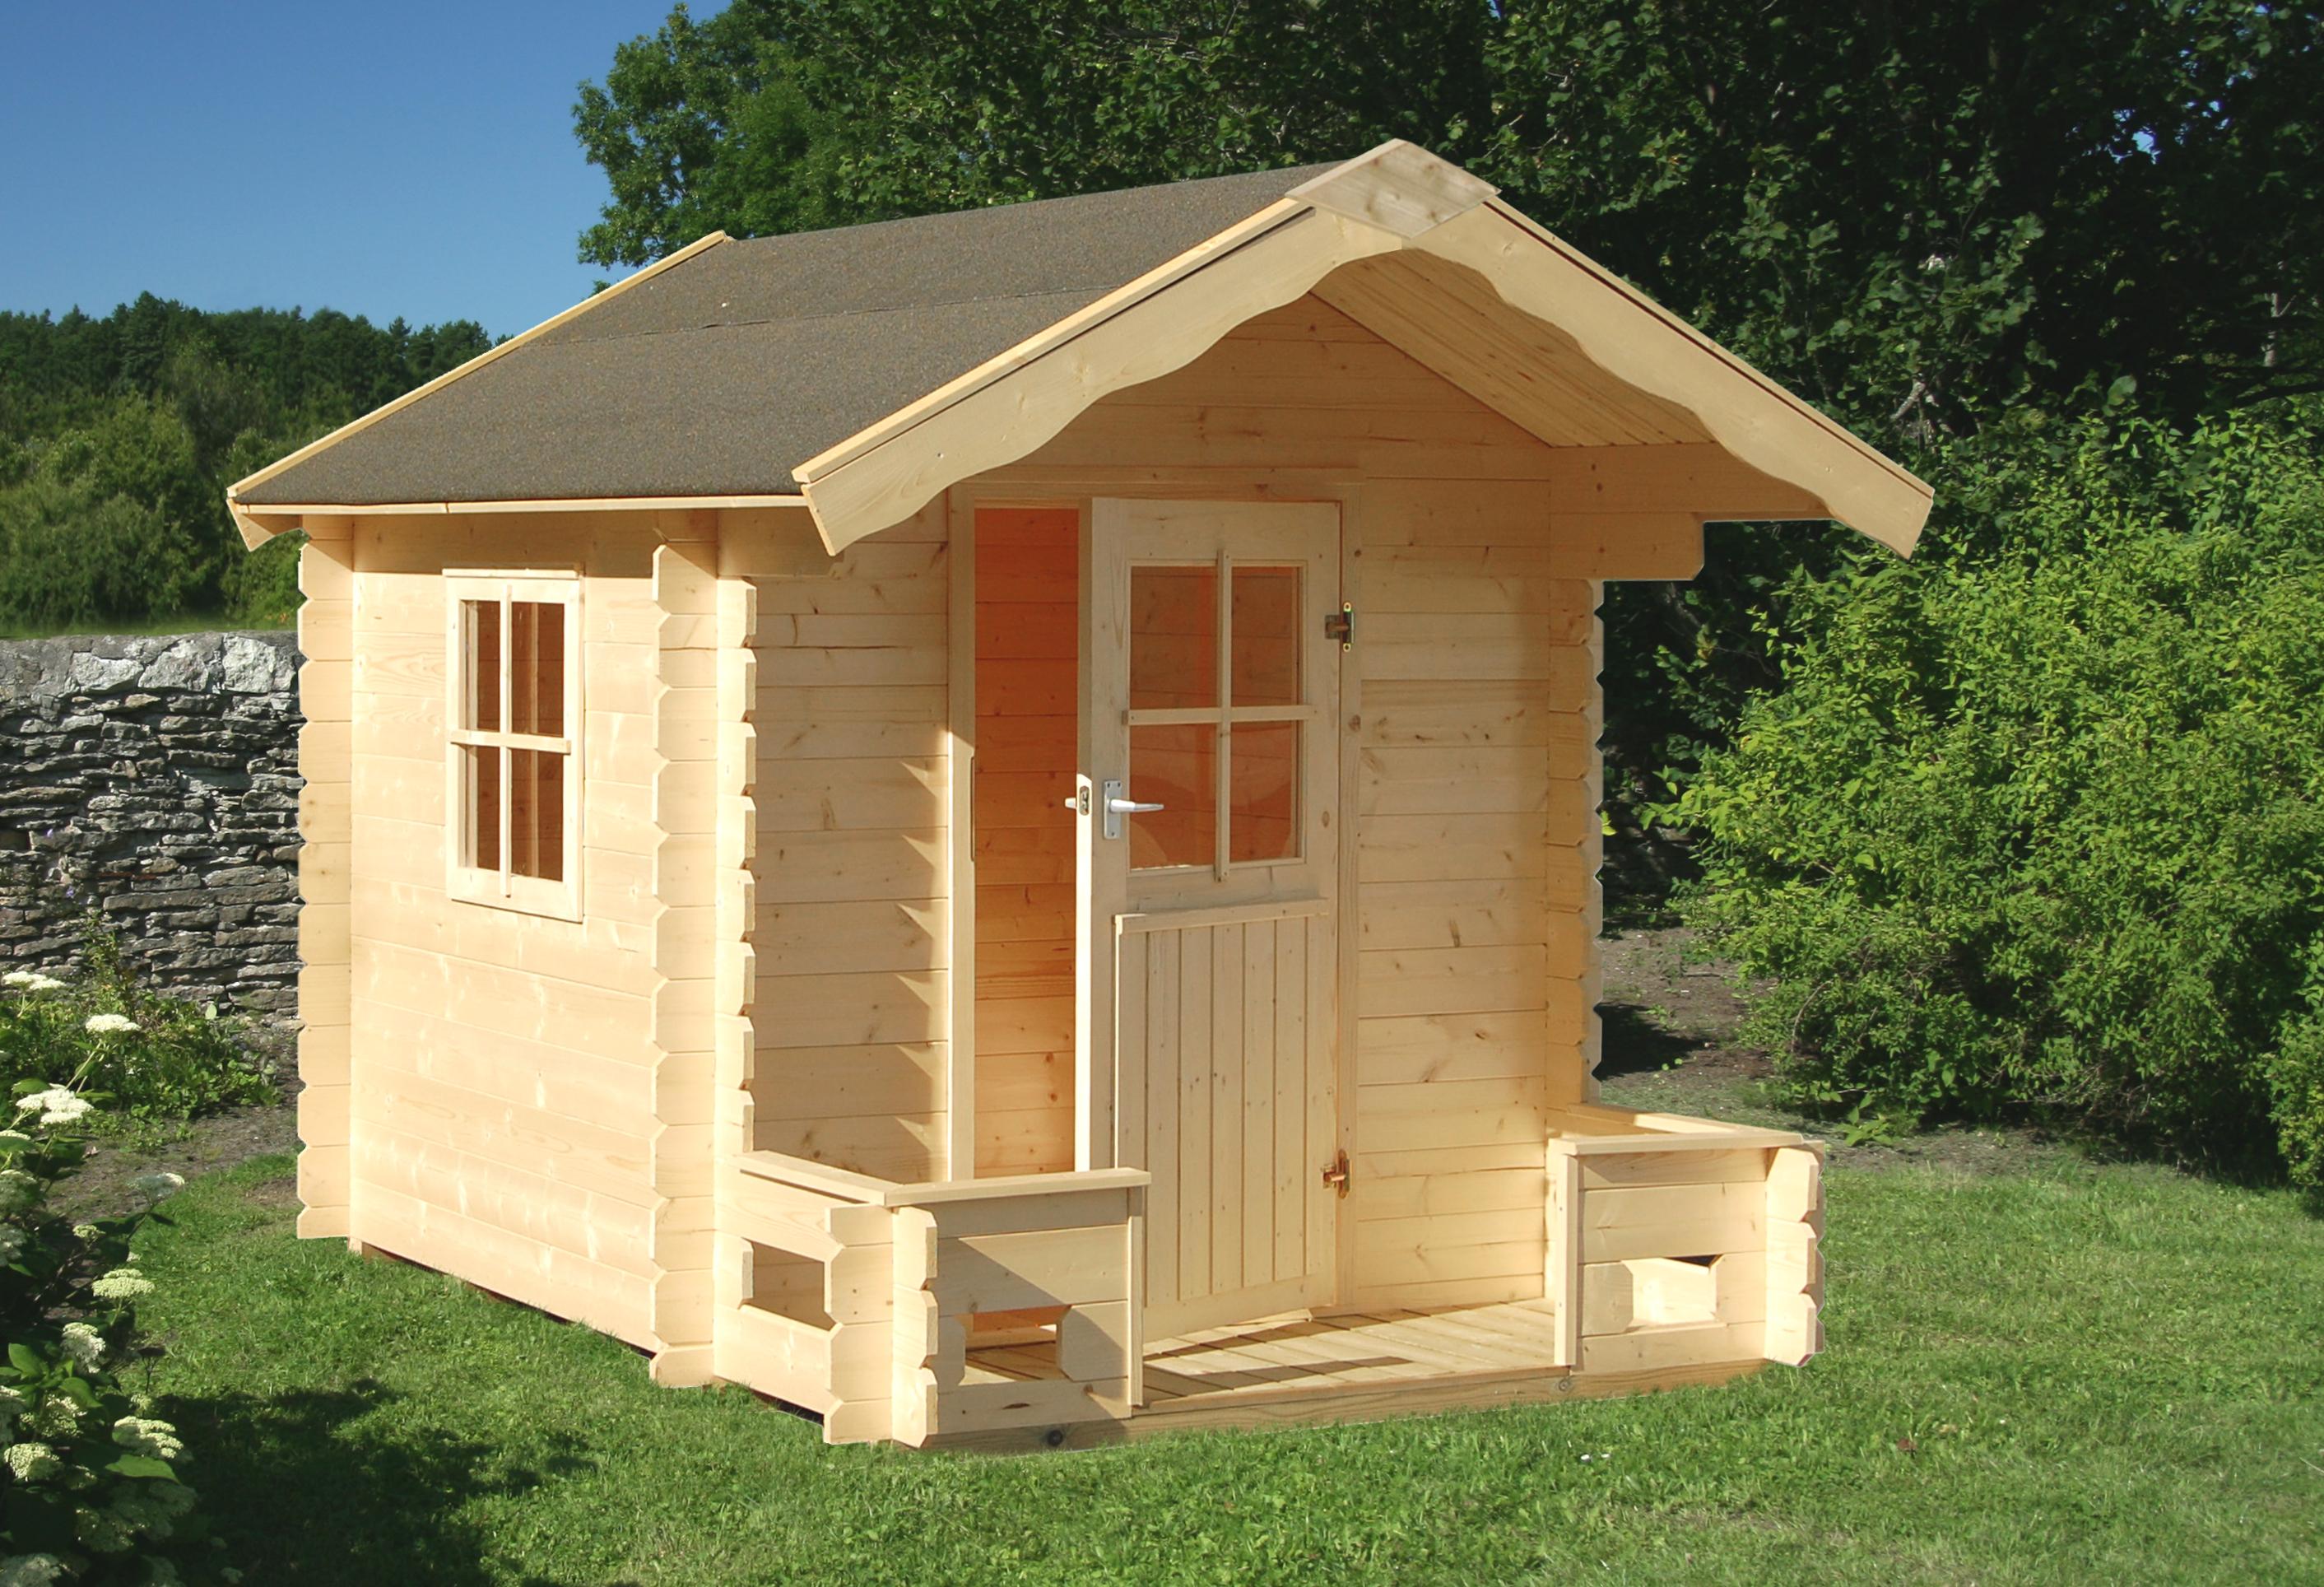 palmako kinderspielhaus sam frc19 1824. Black Bedroom Furniture Sets. Home Design Ideas